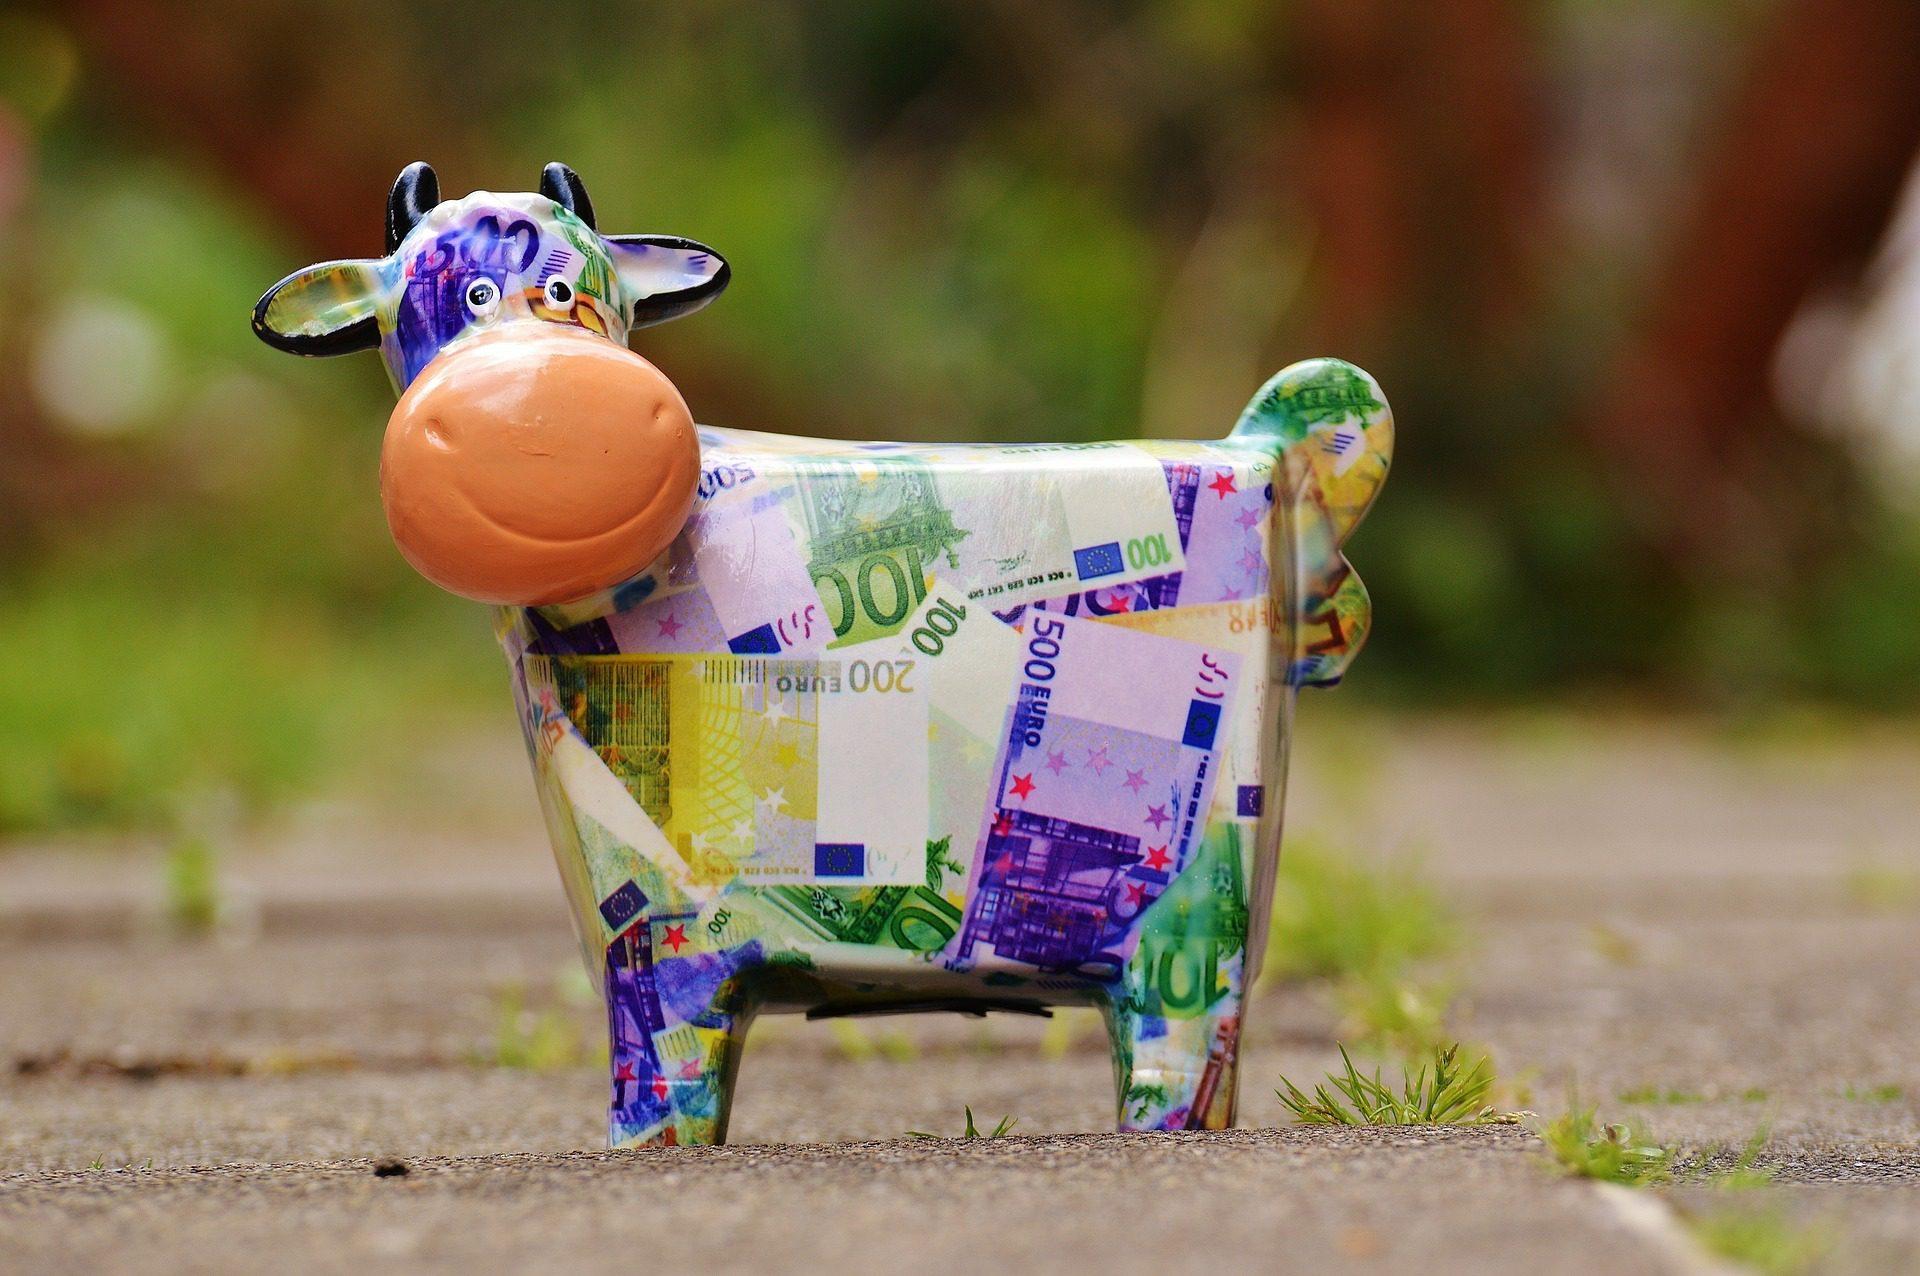 Finanzas descentralizadas (DeFi), un imán para ahorradores en tiempos de crisis